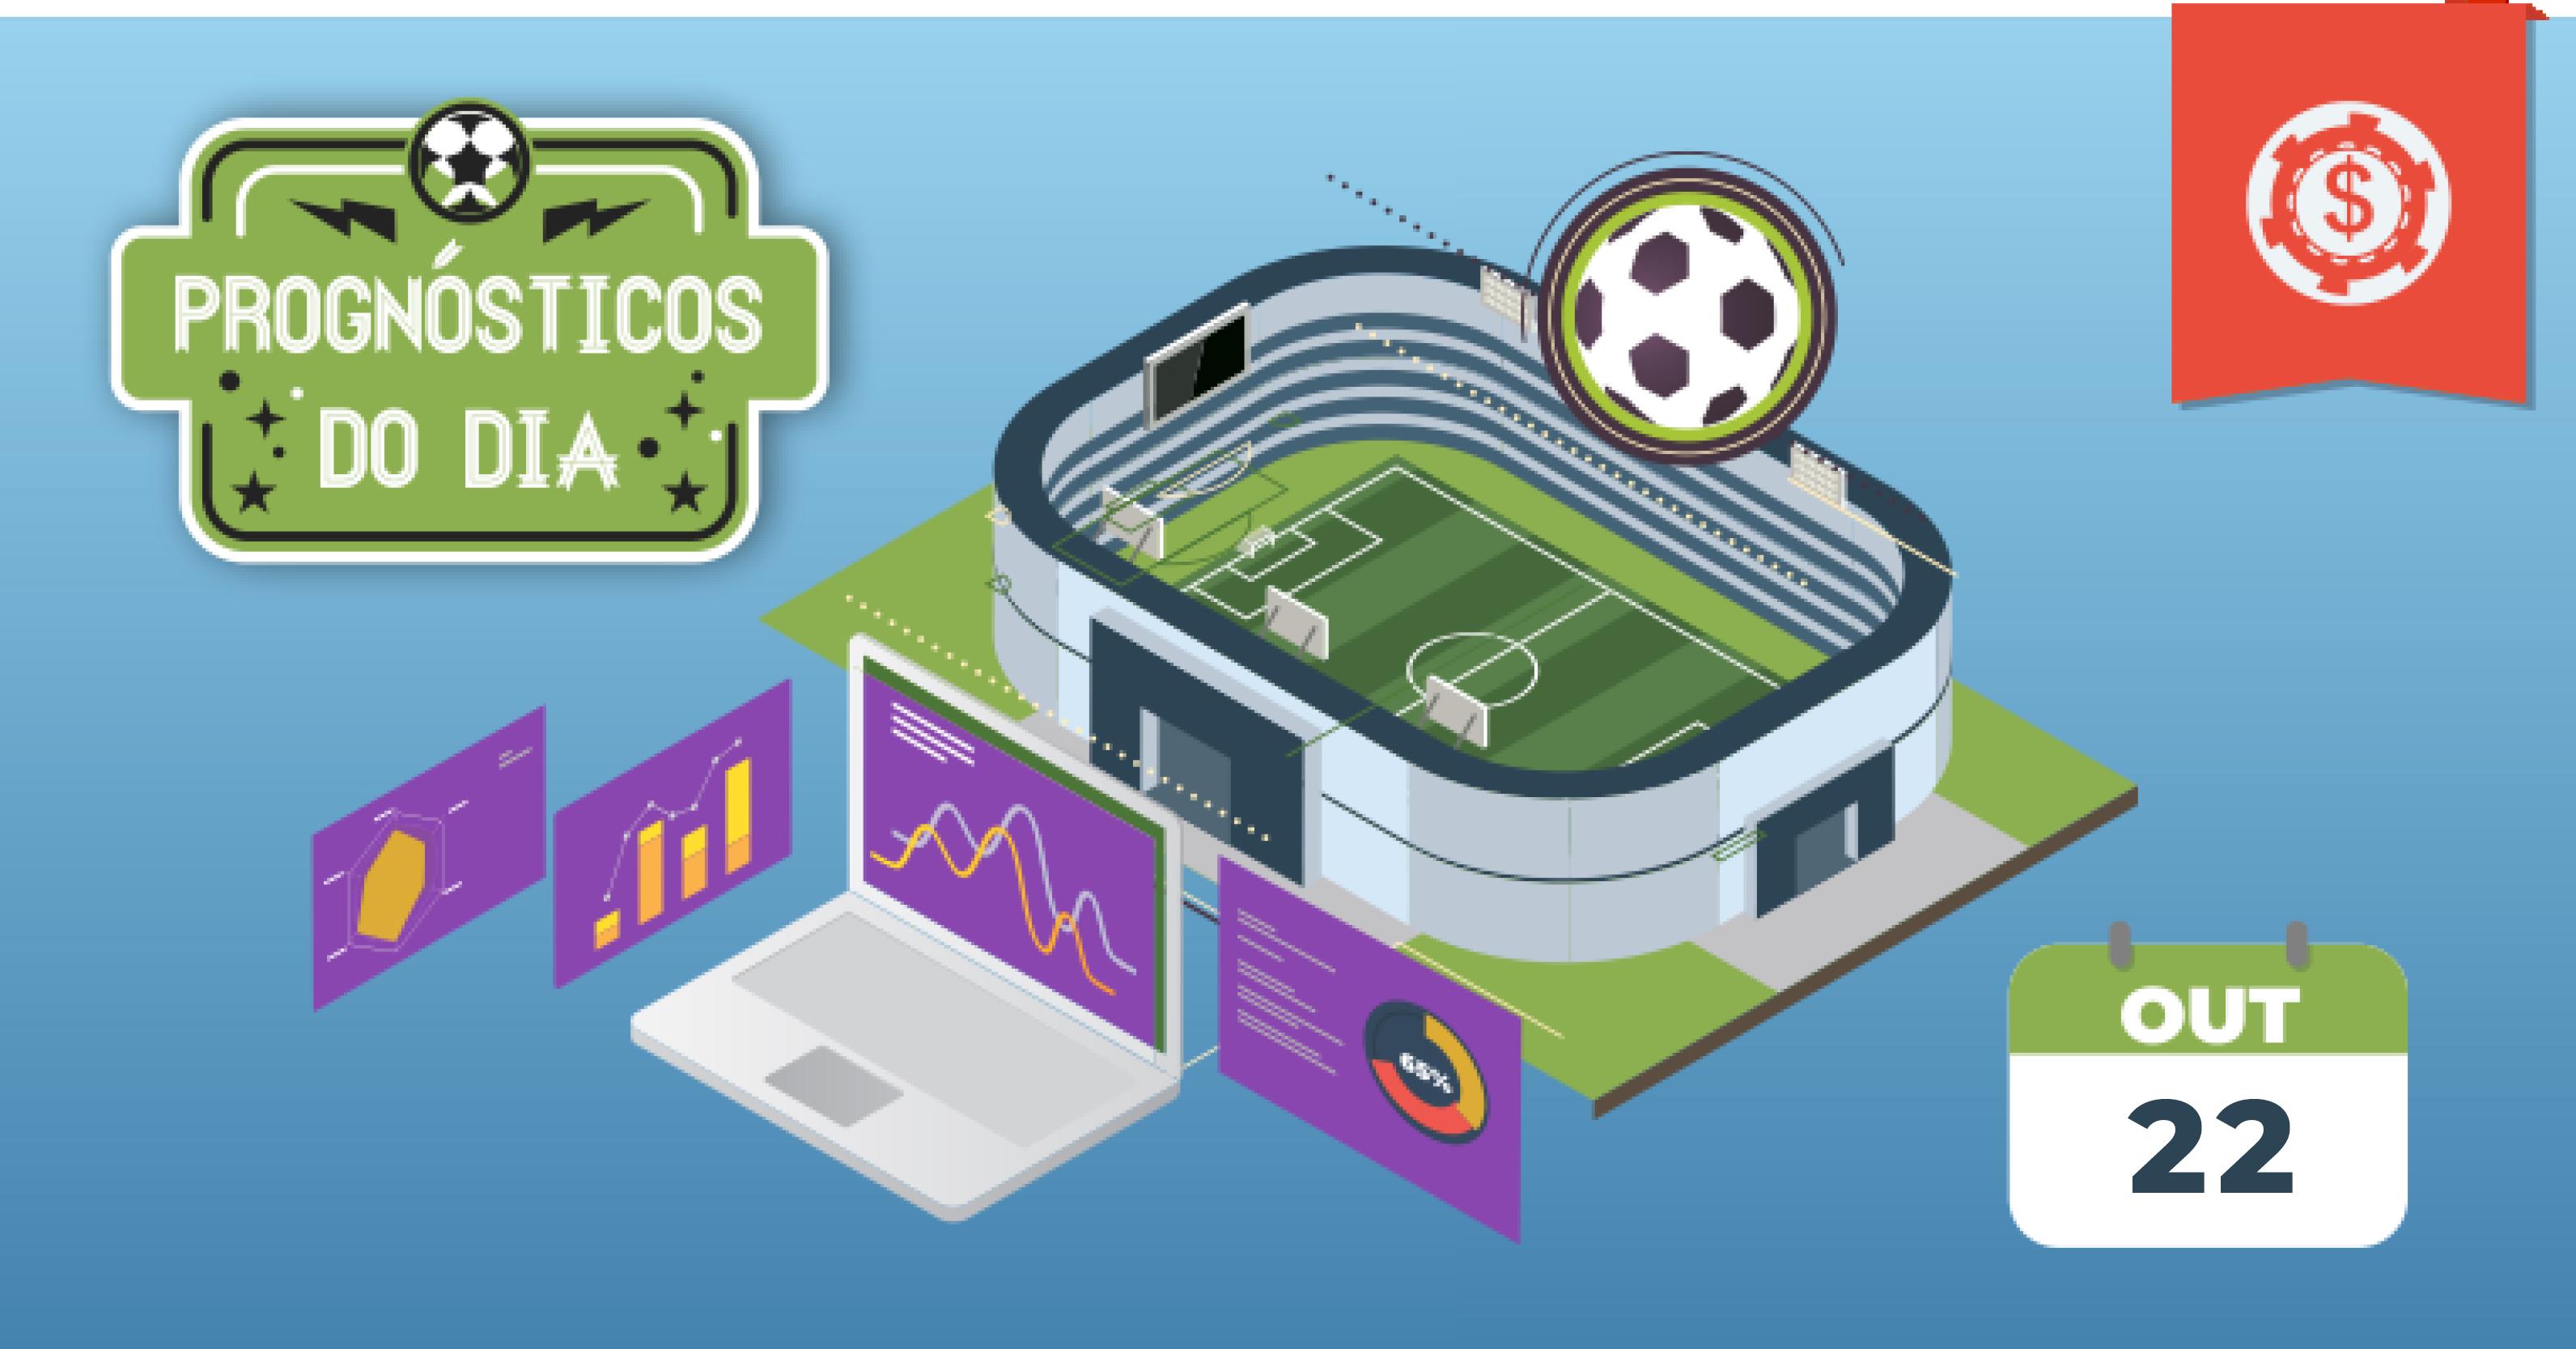 palpites-futebol-hoje-prognosticos-22-outubro-2020